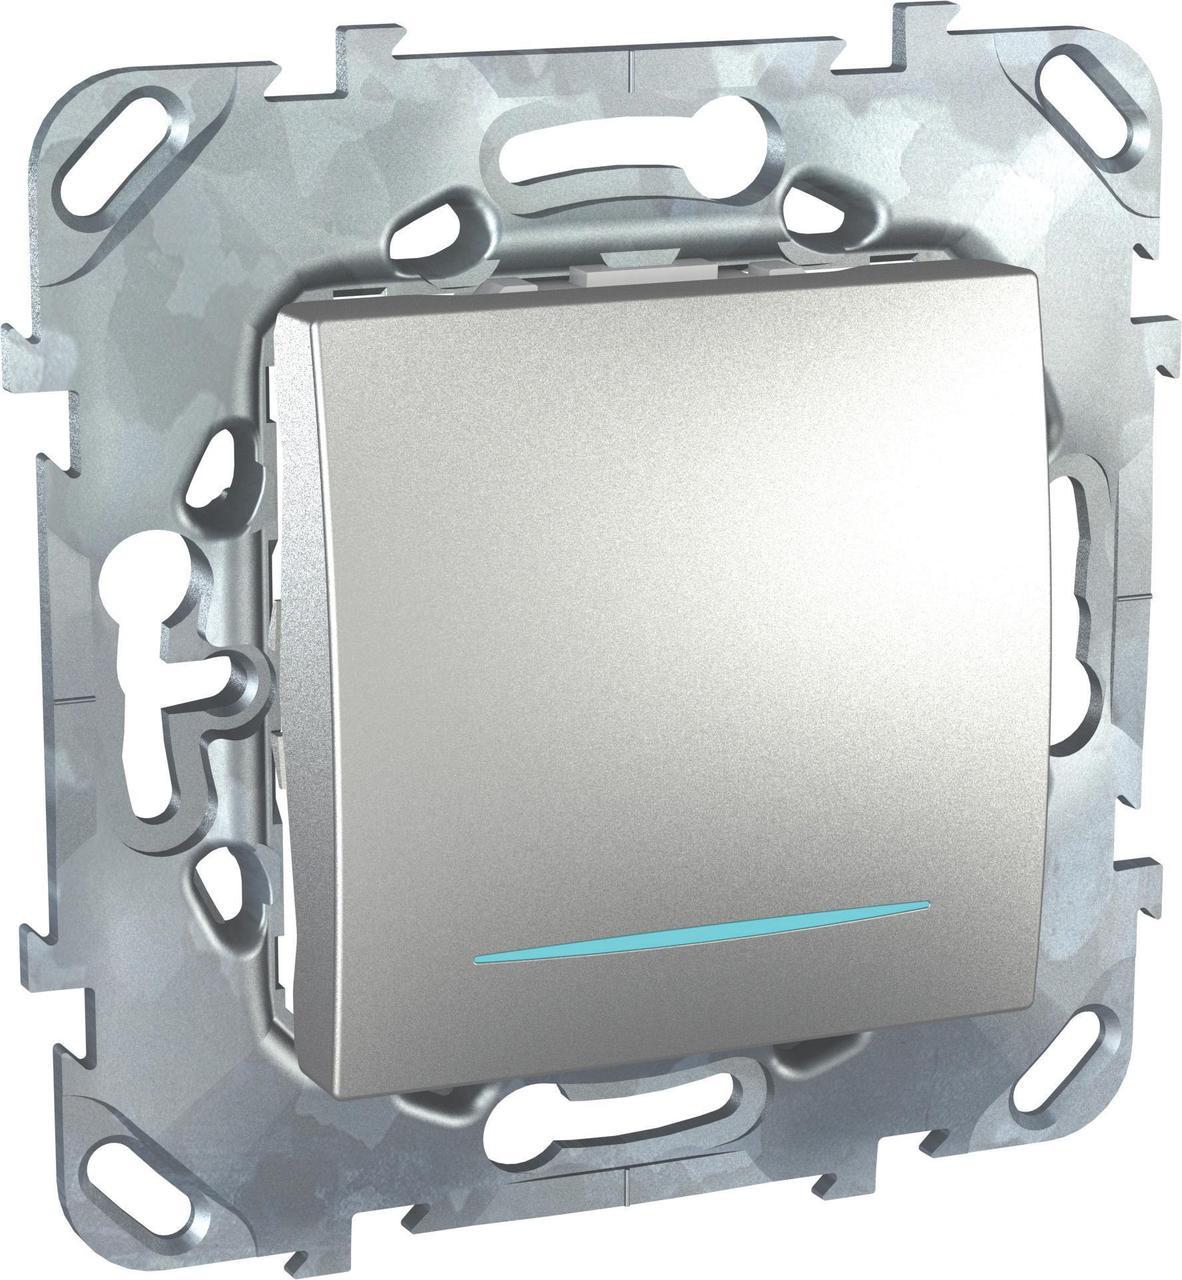 Выключатель 1-клавишный; кнопочный с подсветкой , Алюминий, серия UNICA TOP/CLASS, Schneider Electric